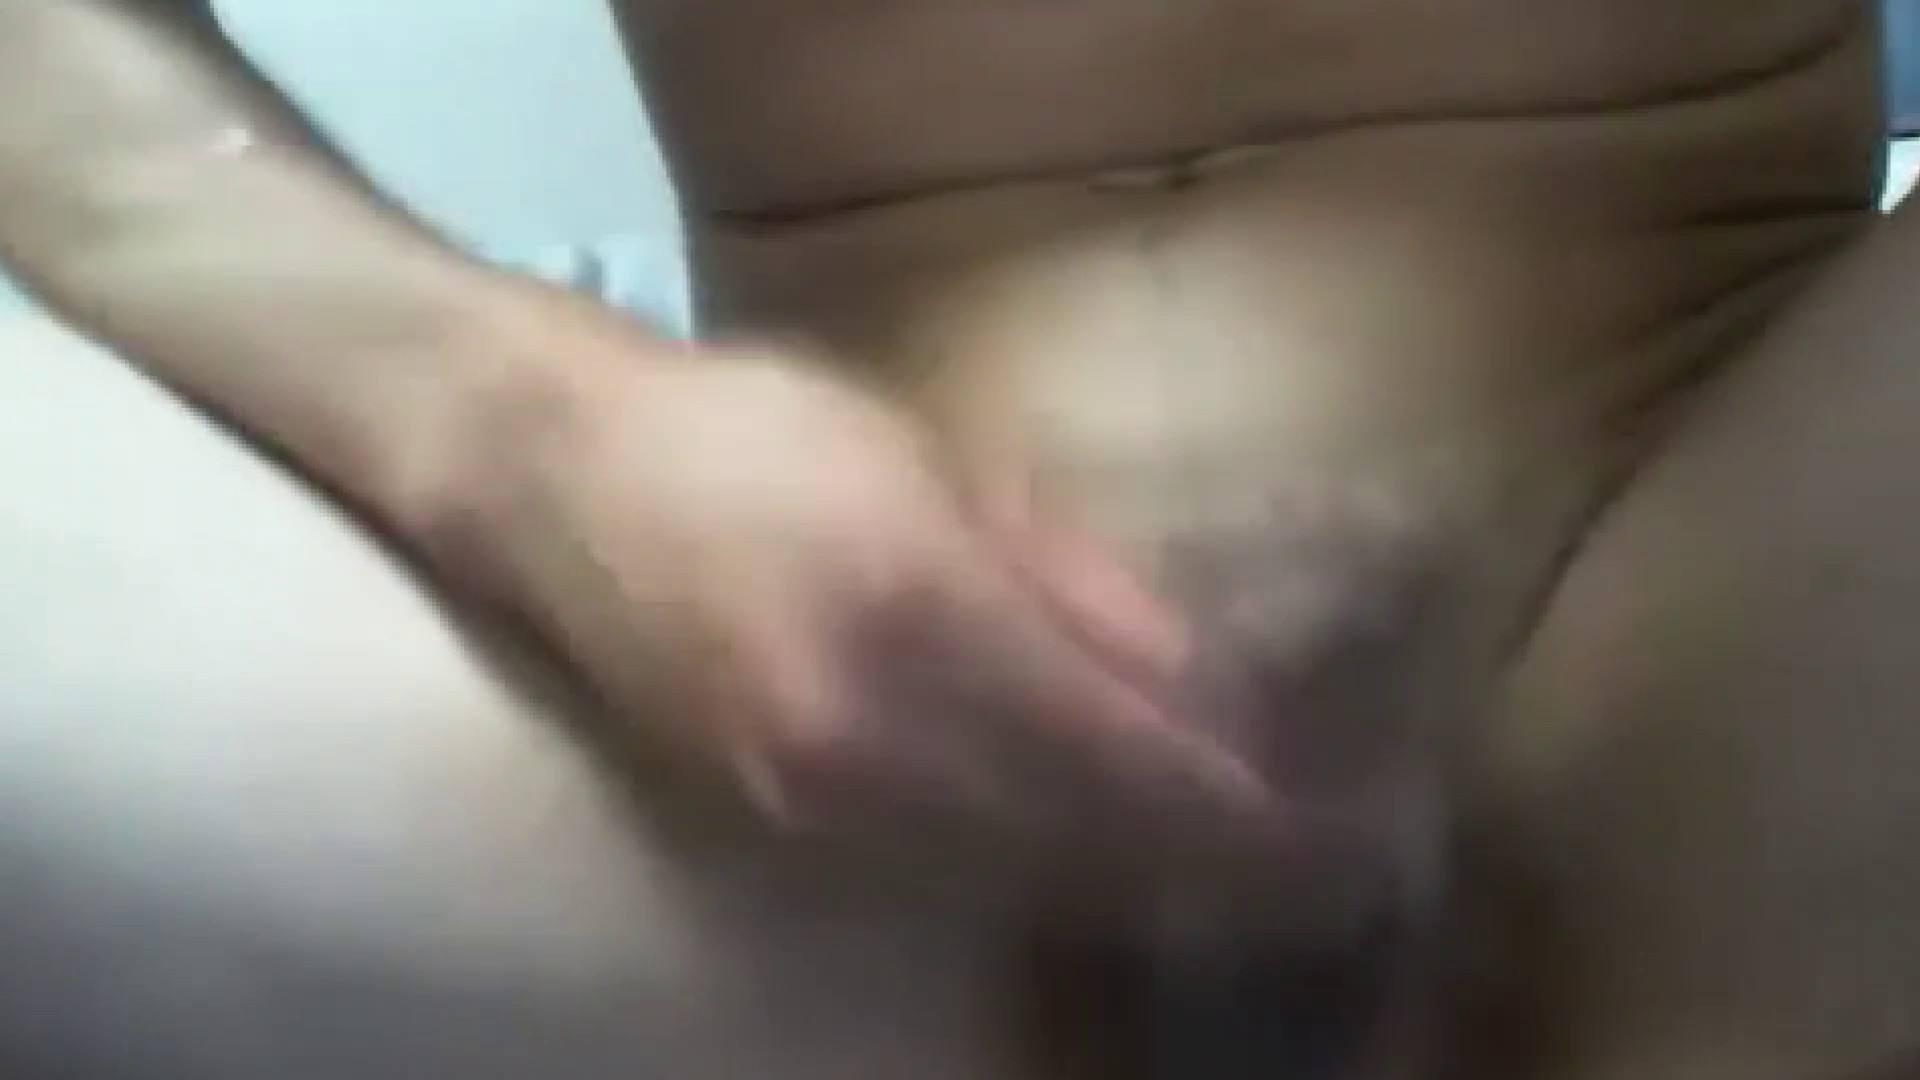 隠し撮りイケメンオナニーピーピング03 ゲイ悪戯 ゲイアダルトビデオ画像 86pic 46